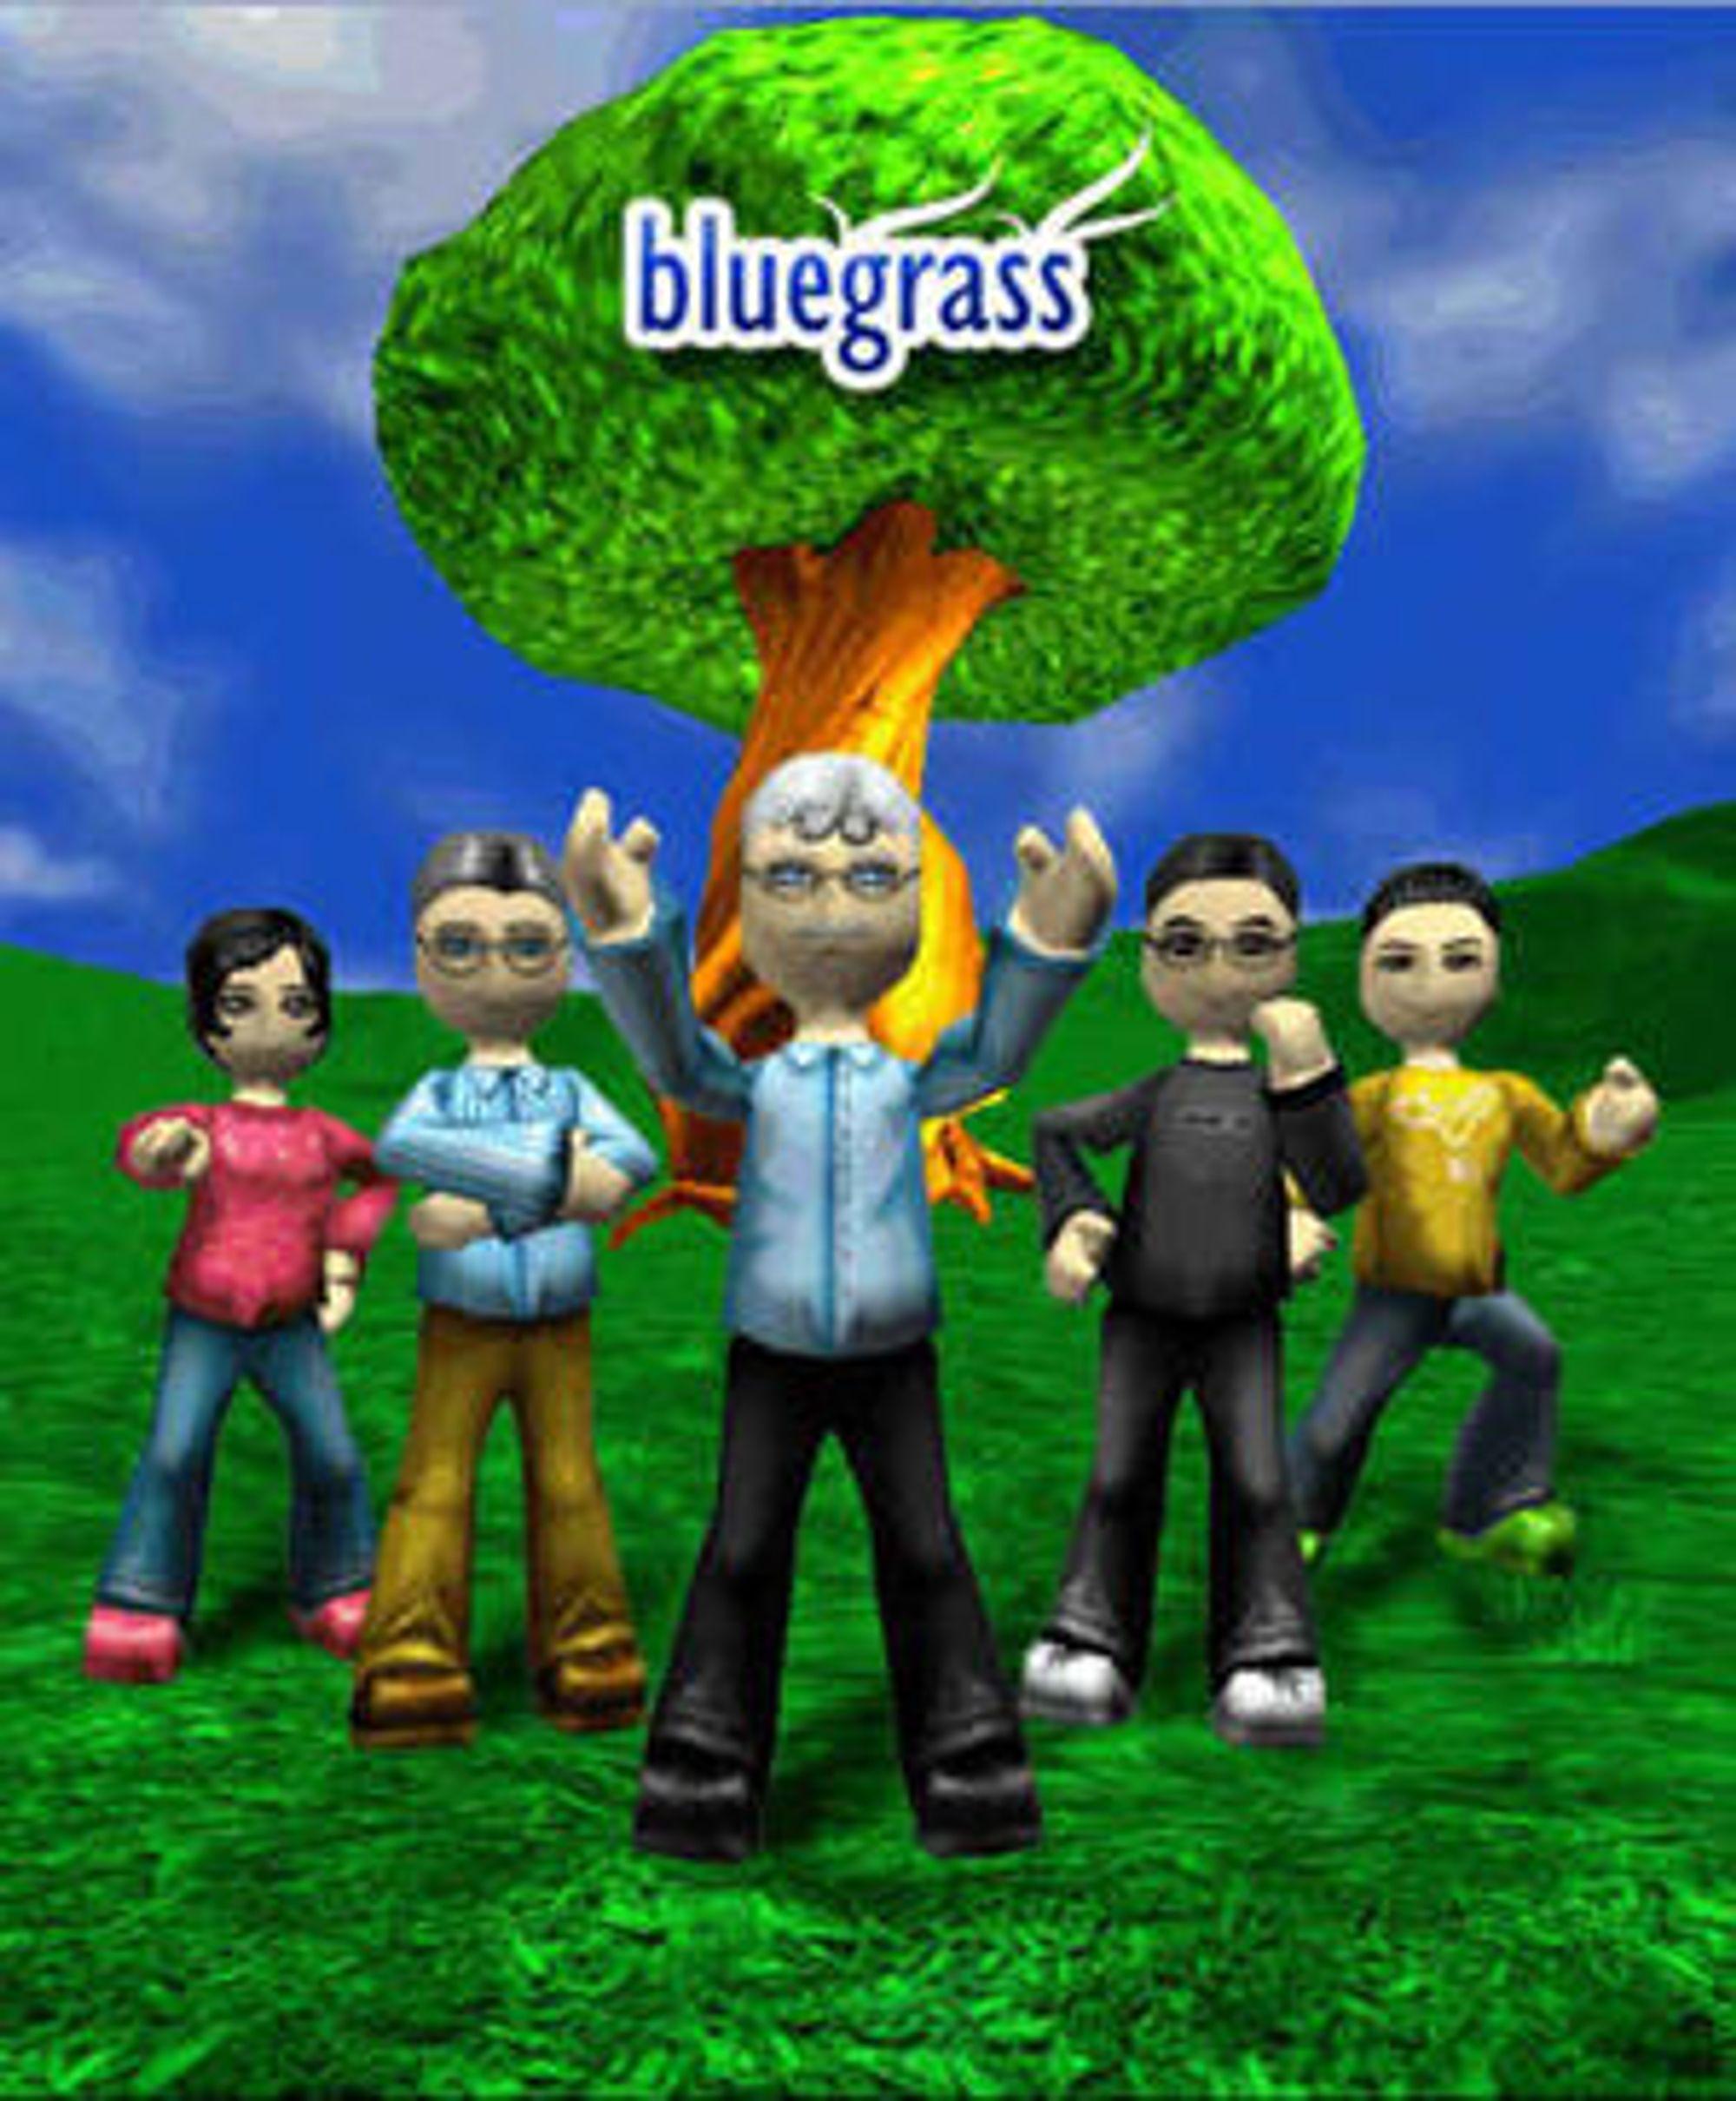 Bluegrass er et prosjekt for å kartlegge hvordan virtuelle verdener kan bedre samarbeidet mellom geografisk atskilte profesjonelle.